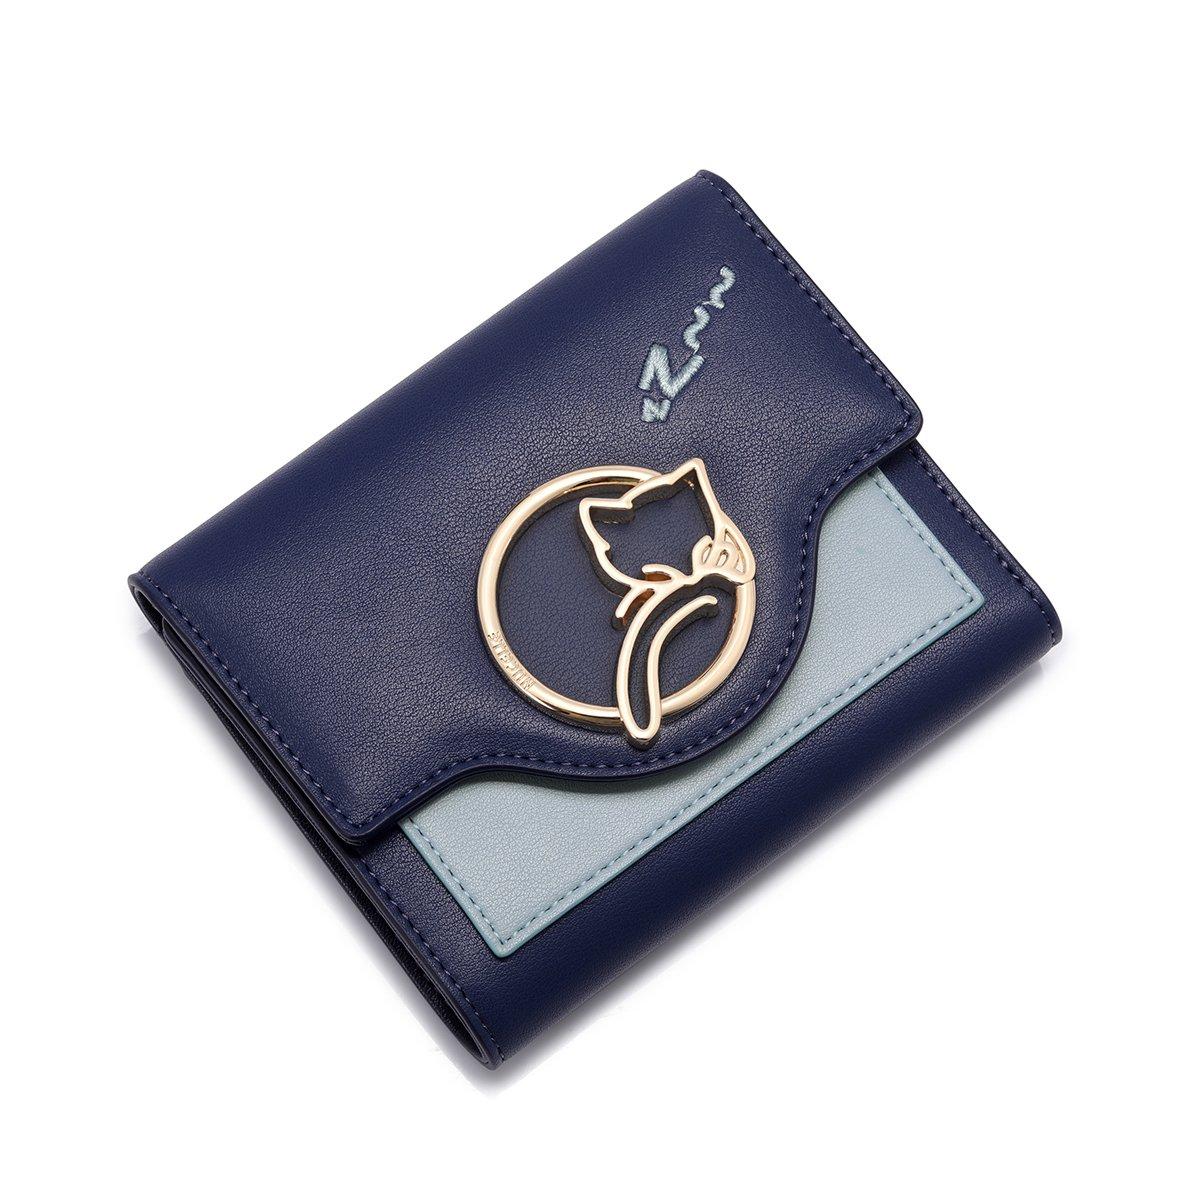 NUCELLEニュージーランド2018年新しい財布女性の猫の金属の甘い女性の短い小さな新鮮な財布のファッションカードパッケージ(王Guanlan)